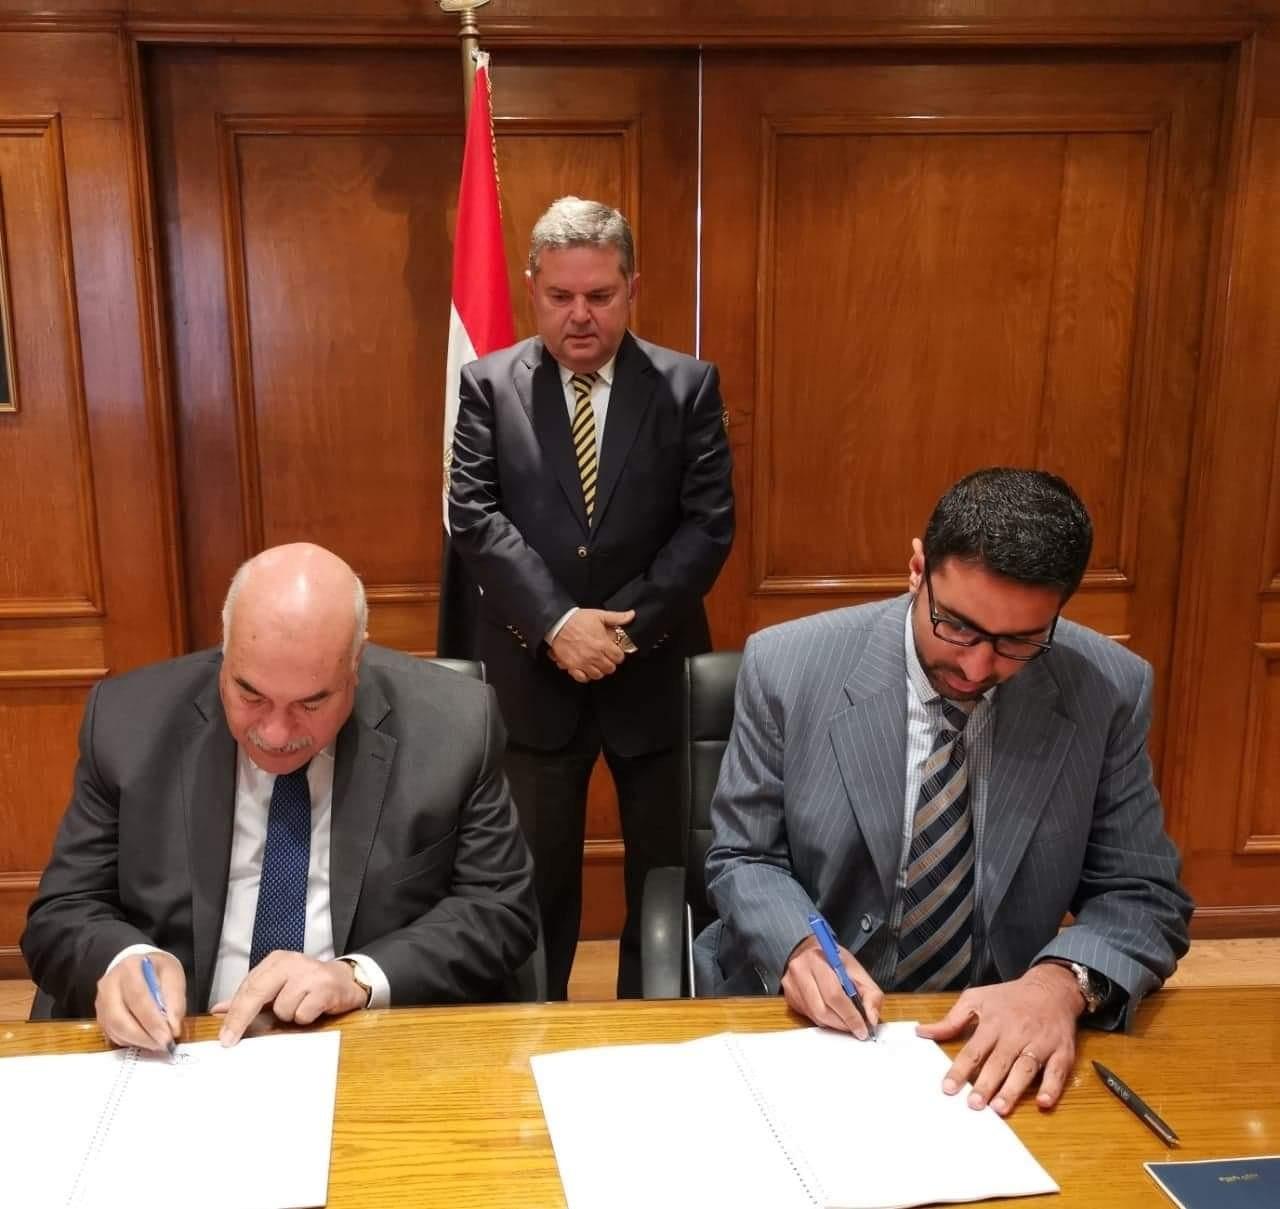 شينخوا تشيد بتوقيع الحكومة المصرية عقد إنشاء أكبر مصنع غزل قطن في العالم